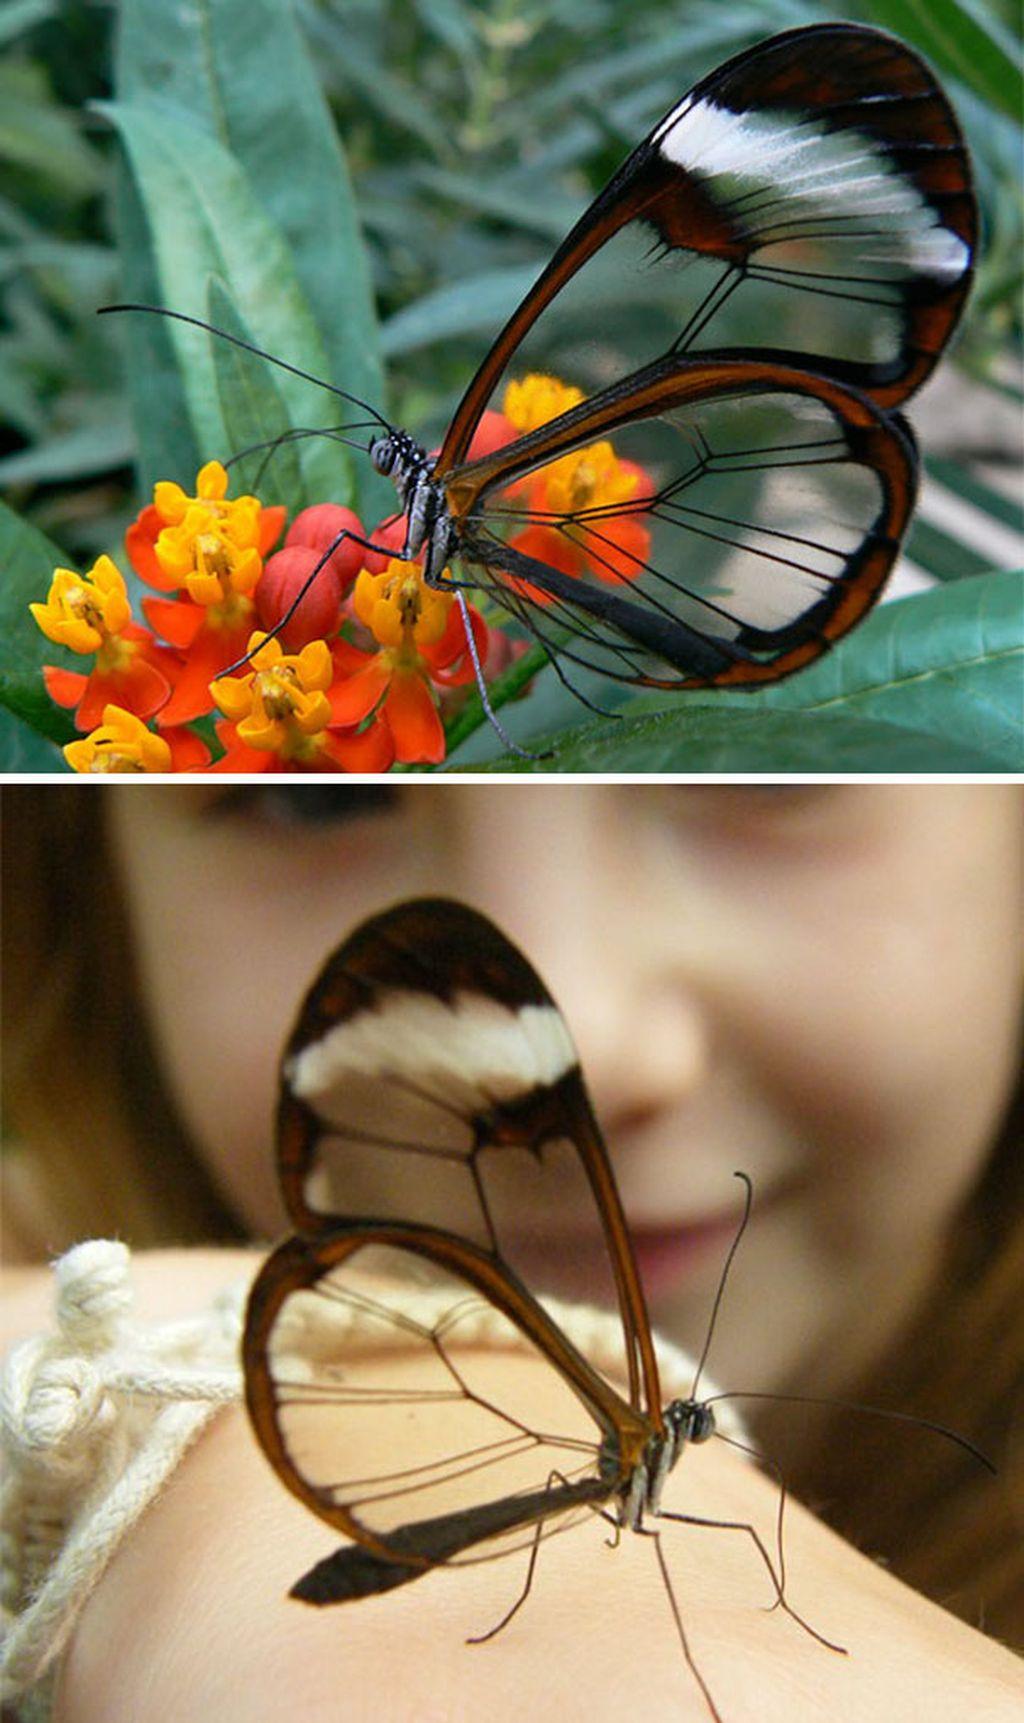 Sayap kupu-kupu cantik ini bisa tembus pandang, ini adalah jenis kupu-kupu Galsswinged (Greta Oto). Kupu-kupu ini dapat sebagian besar dapat ditemukan di Chili, New York, Amerika Serikat. (Foto: internet)